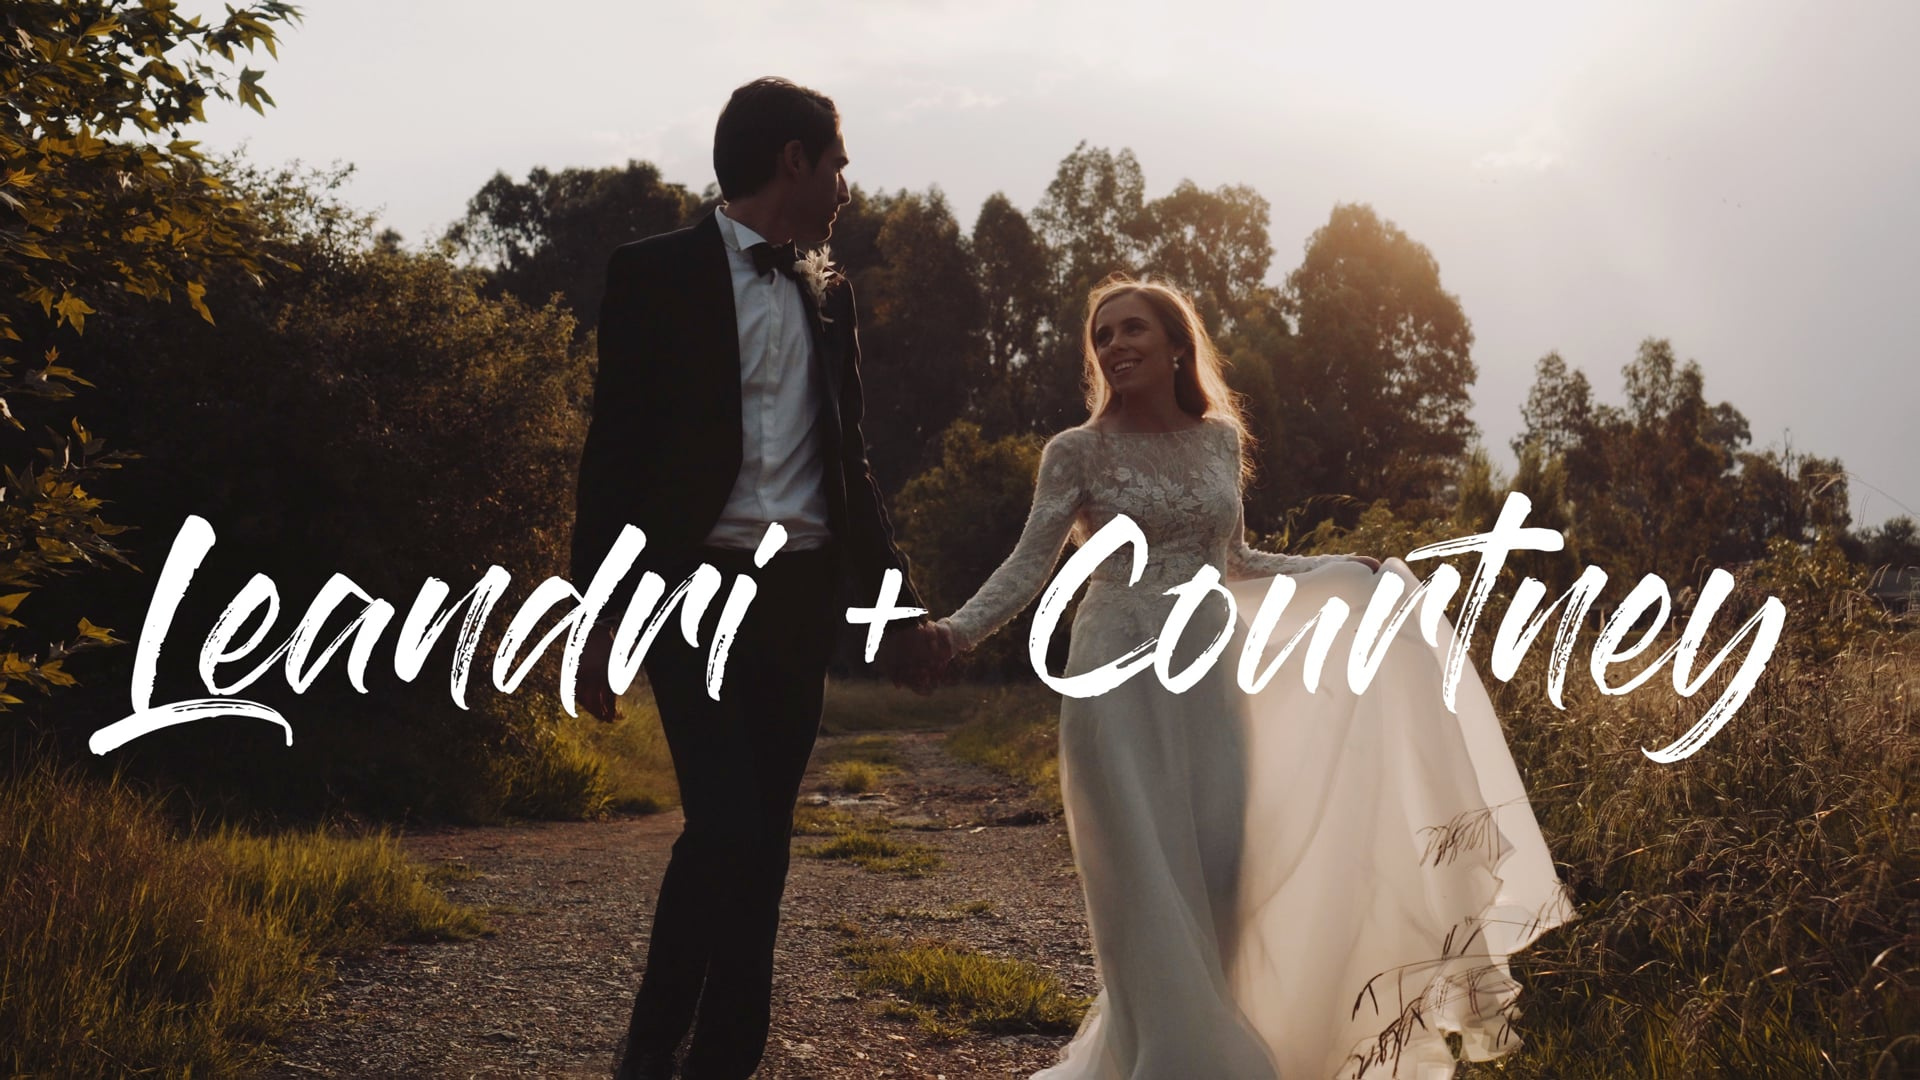 Leandri + Coutney - Cinematic Film